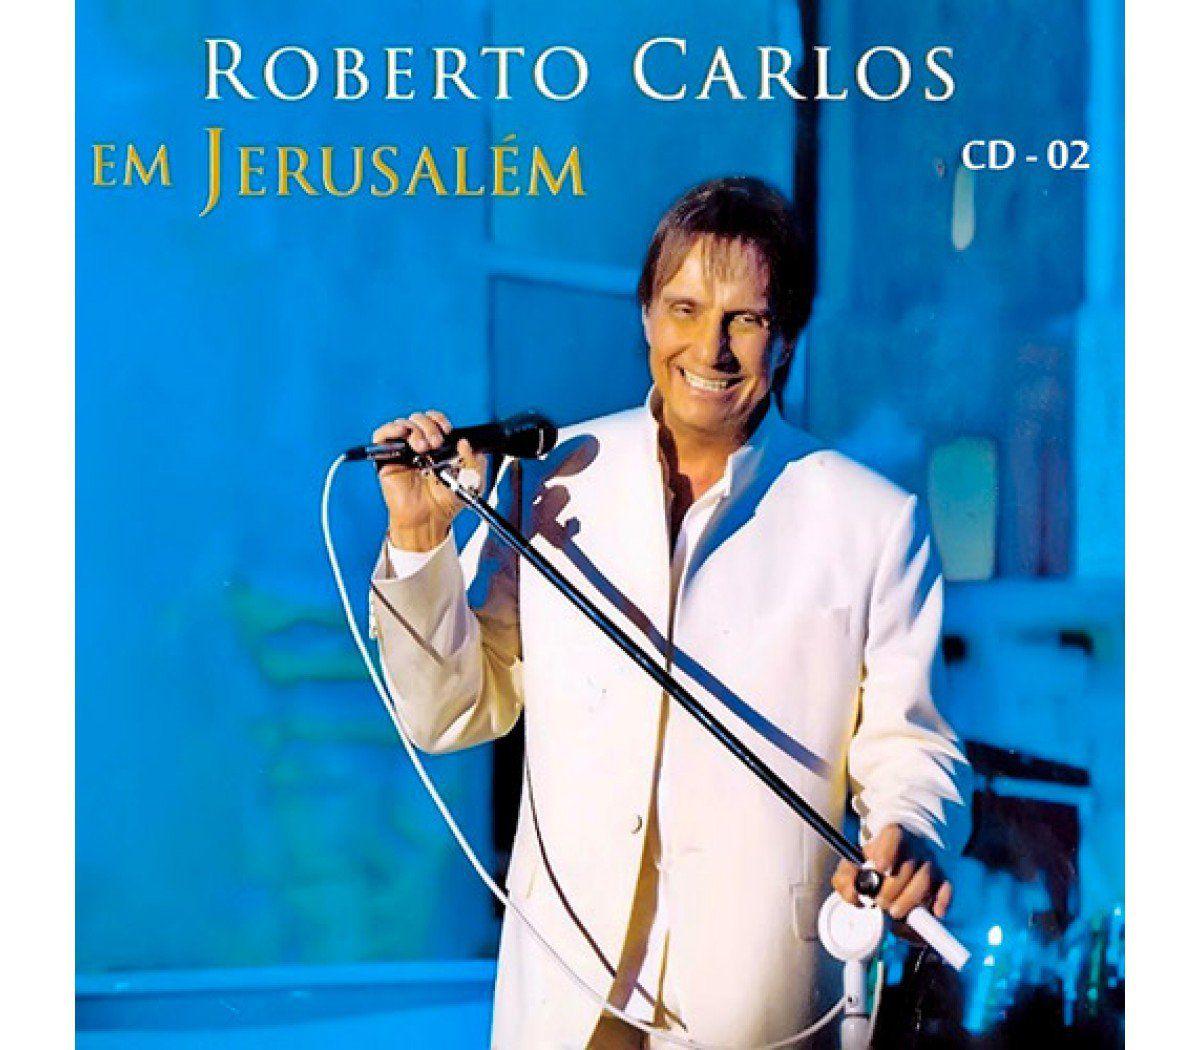 Roberto Carlos - Em Jerusalém - Vol. 02 - CD